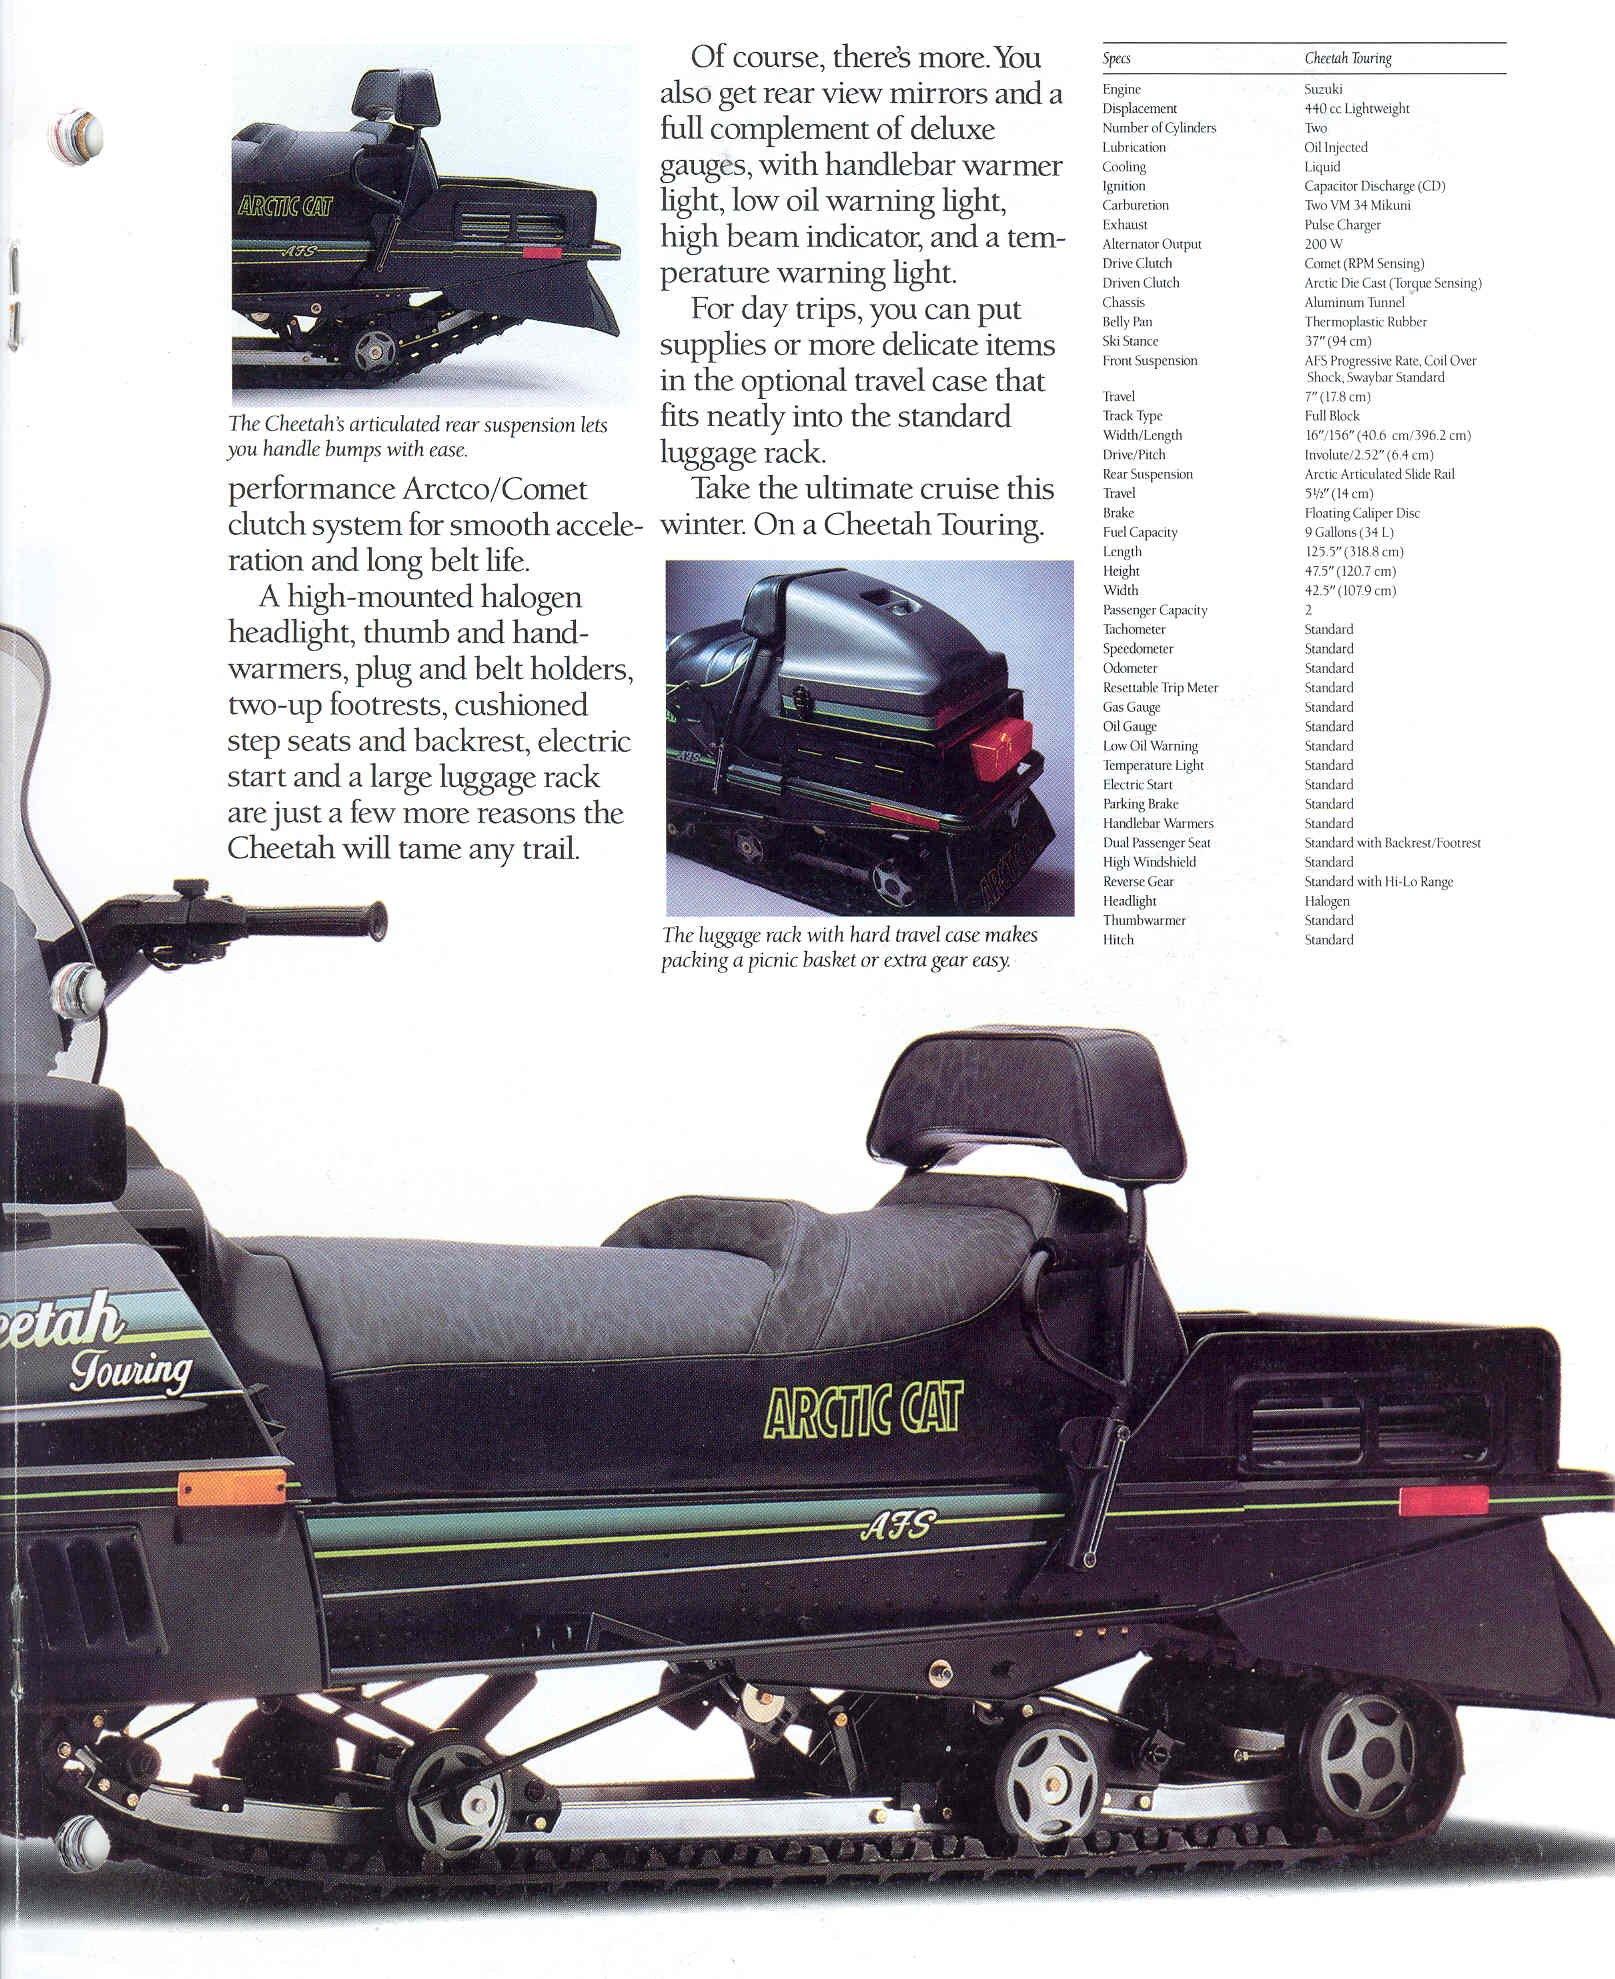 1991 cheetah touring 440L/C-91_cheetah_2.jpg